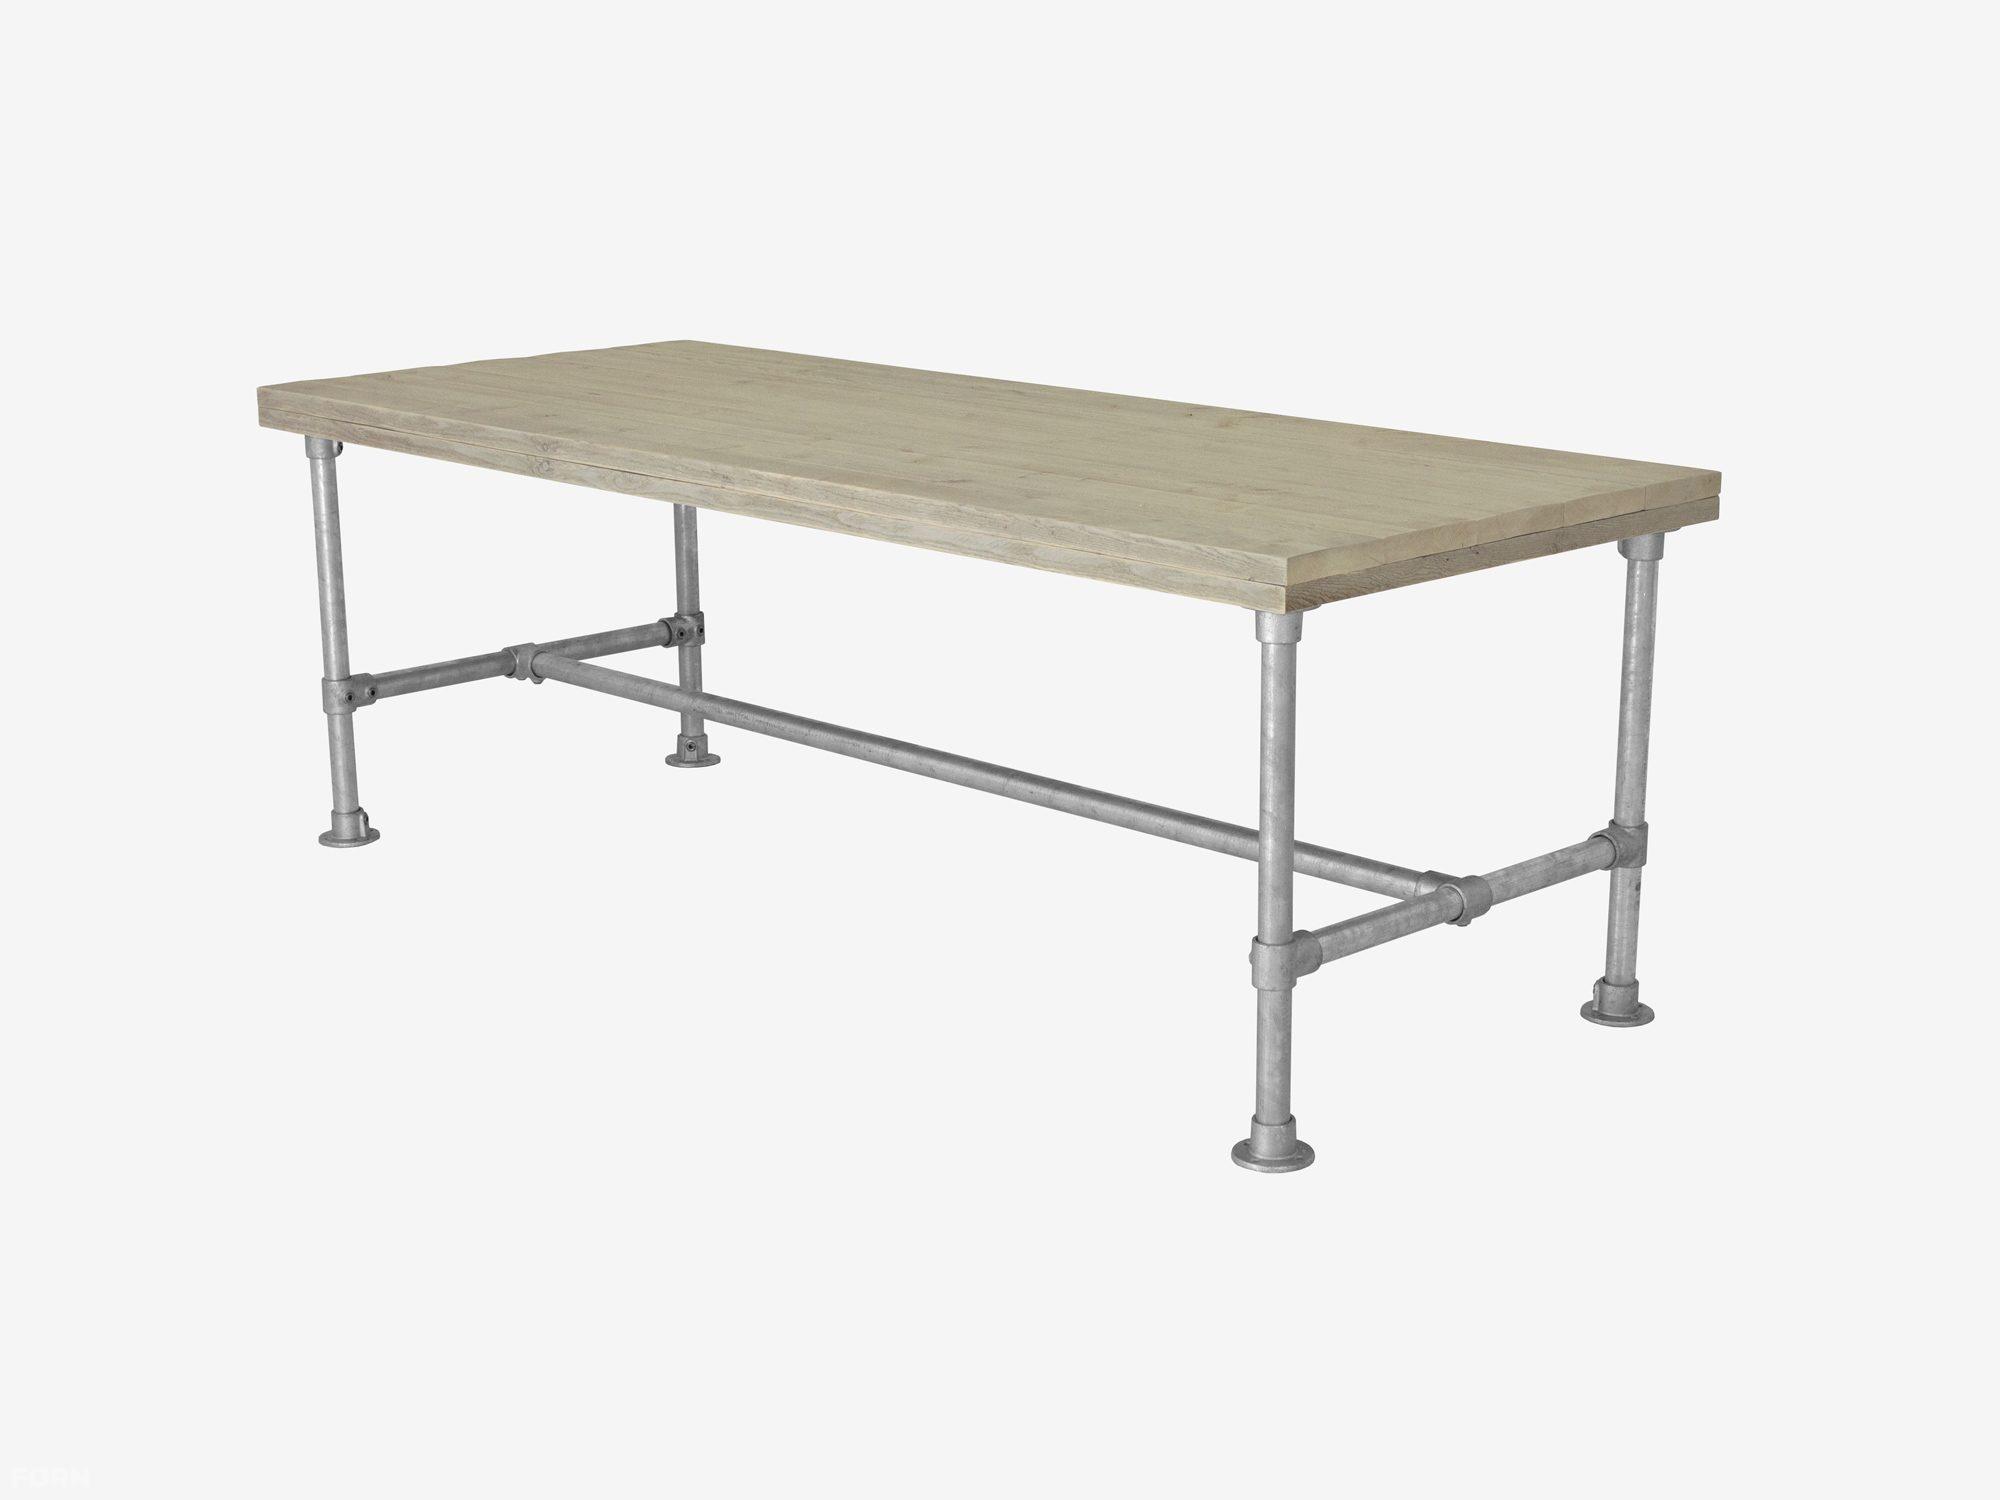 Steigerhouten tafel met steigerbuis onderstel fØrn